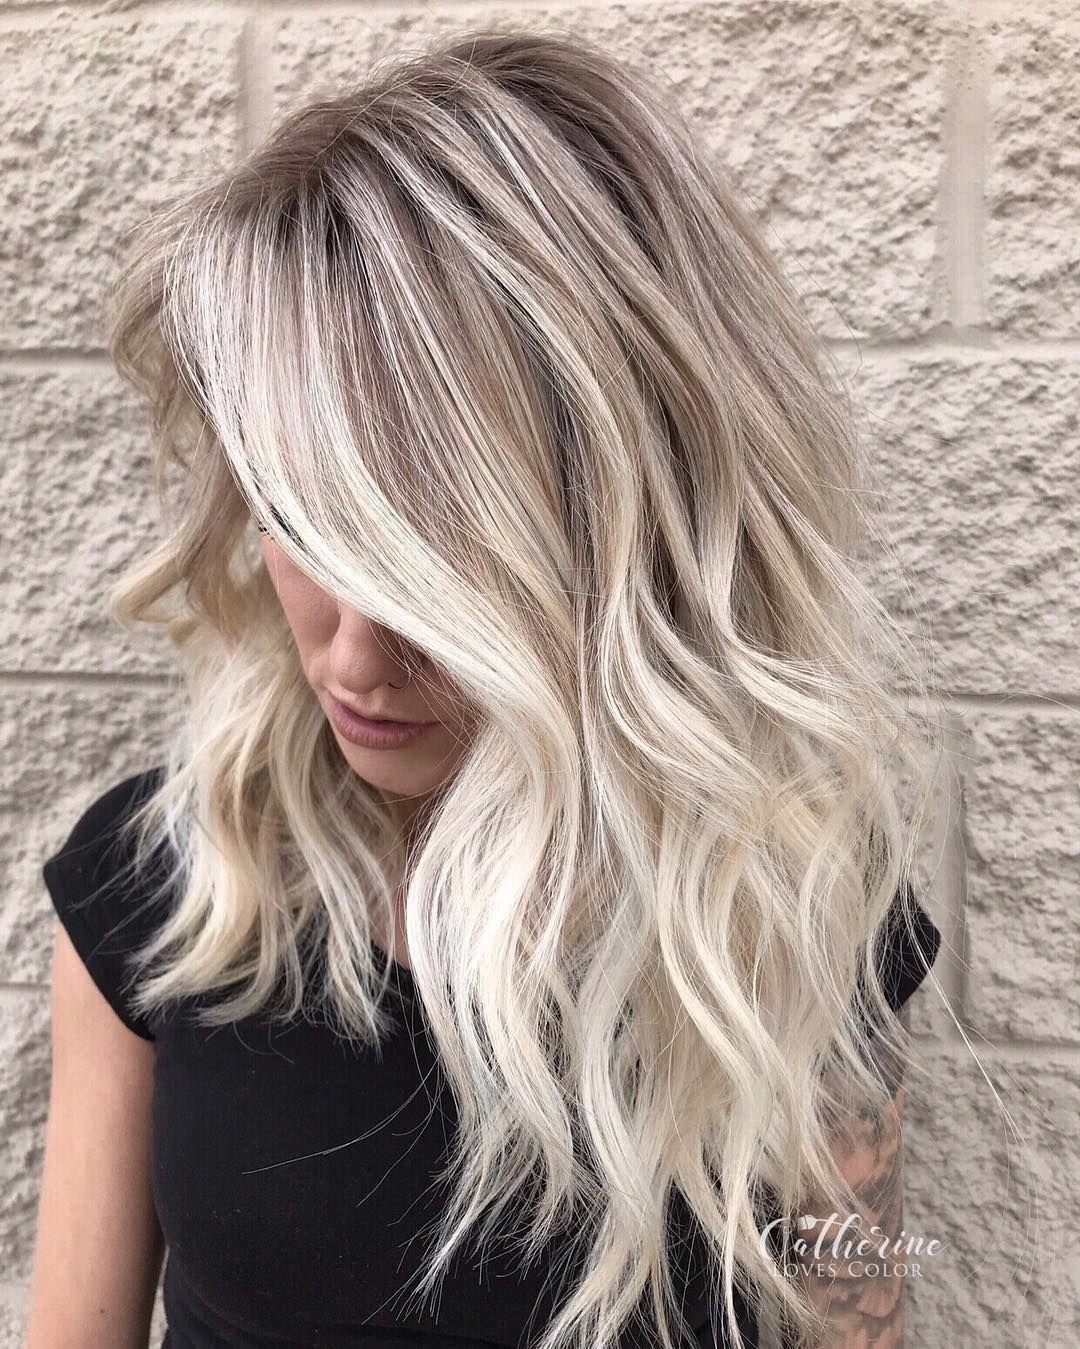 40 Beautiful Medium Length Hairstyles (April 2019